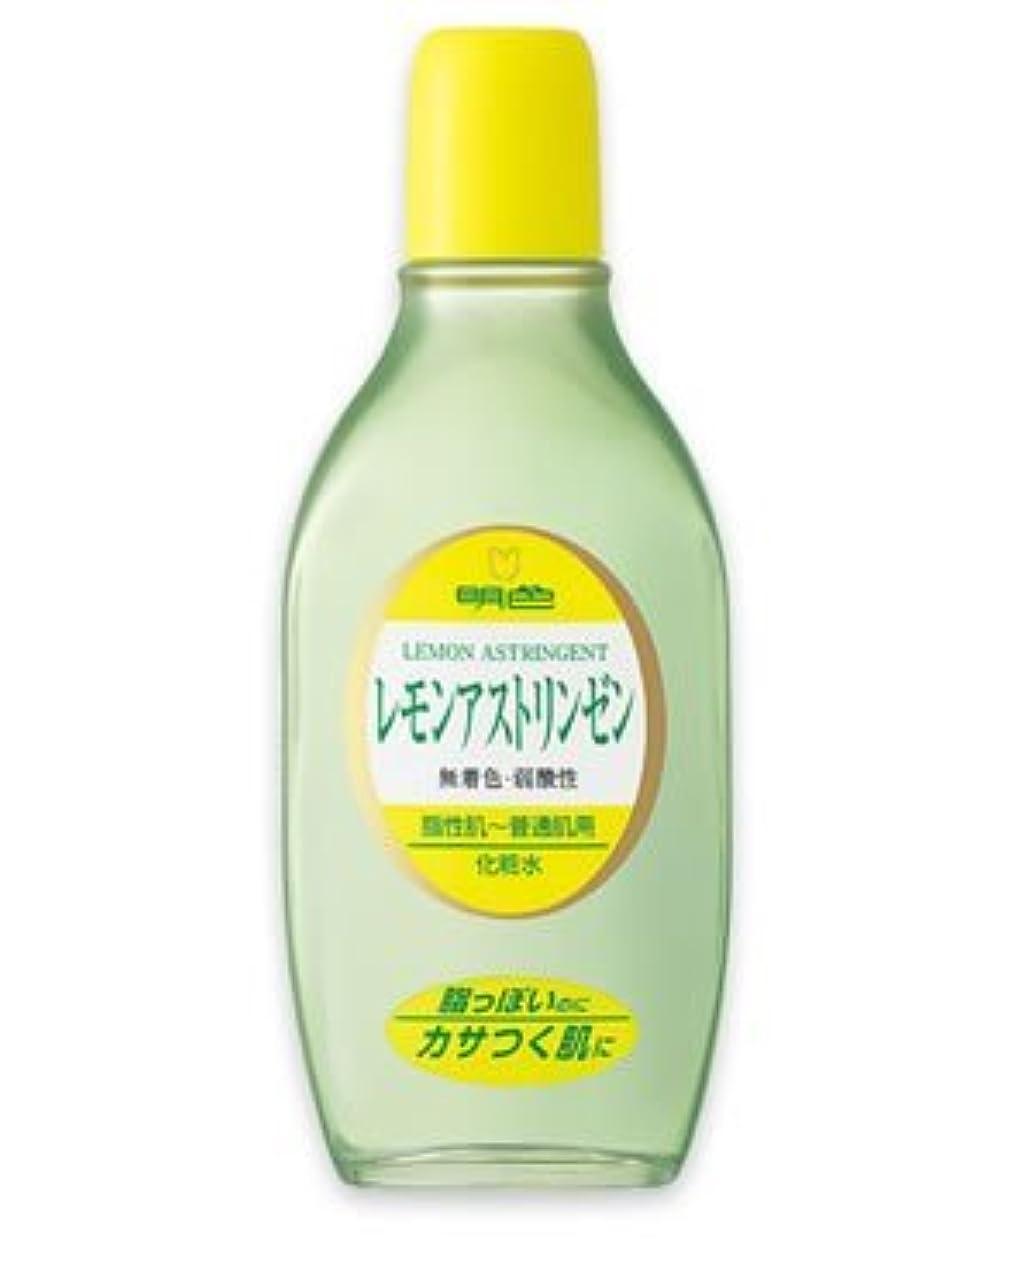 ぺディカブ主観的免疫する(明色)レモンアストリンゼン 170ml(お買い得3本セット)